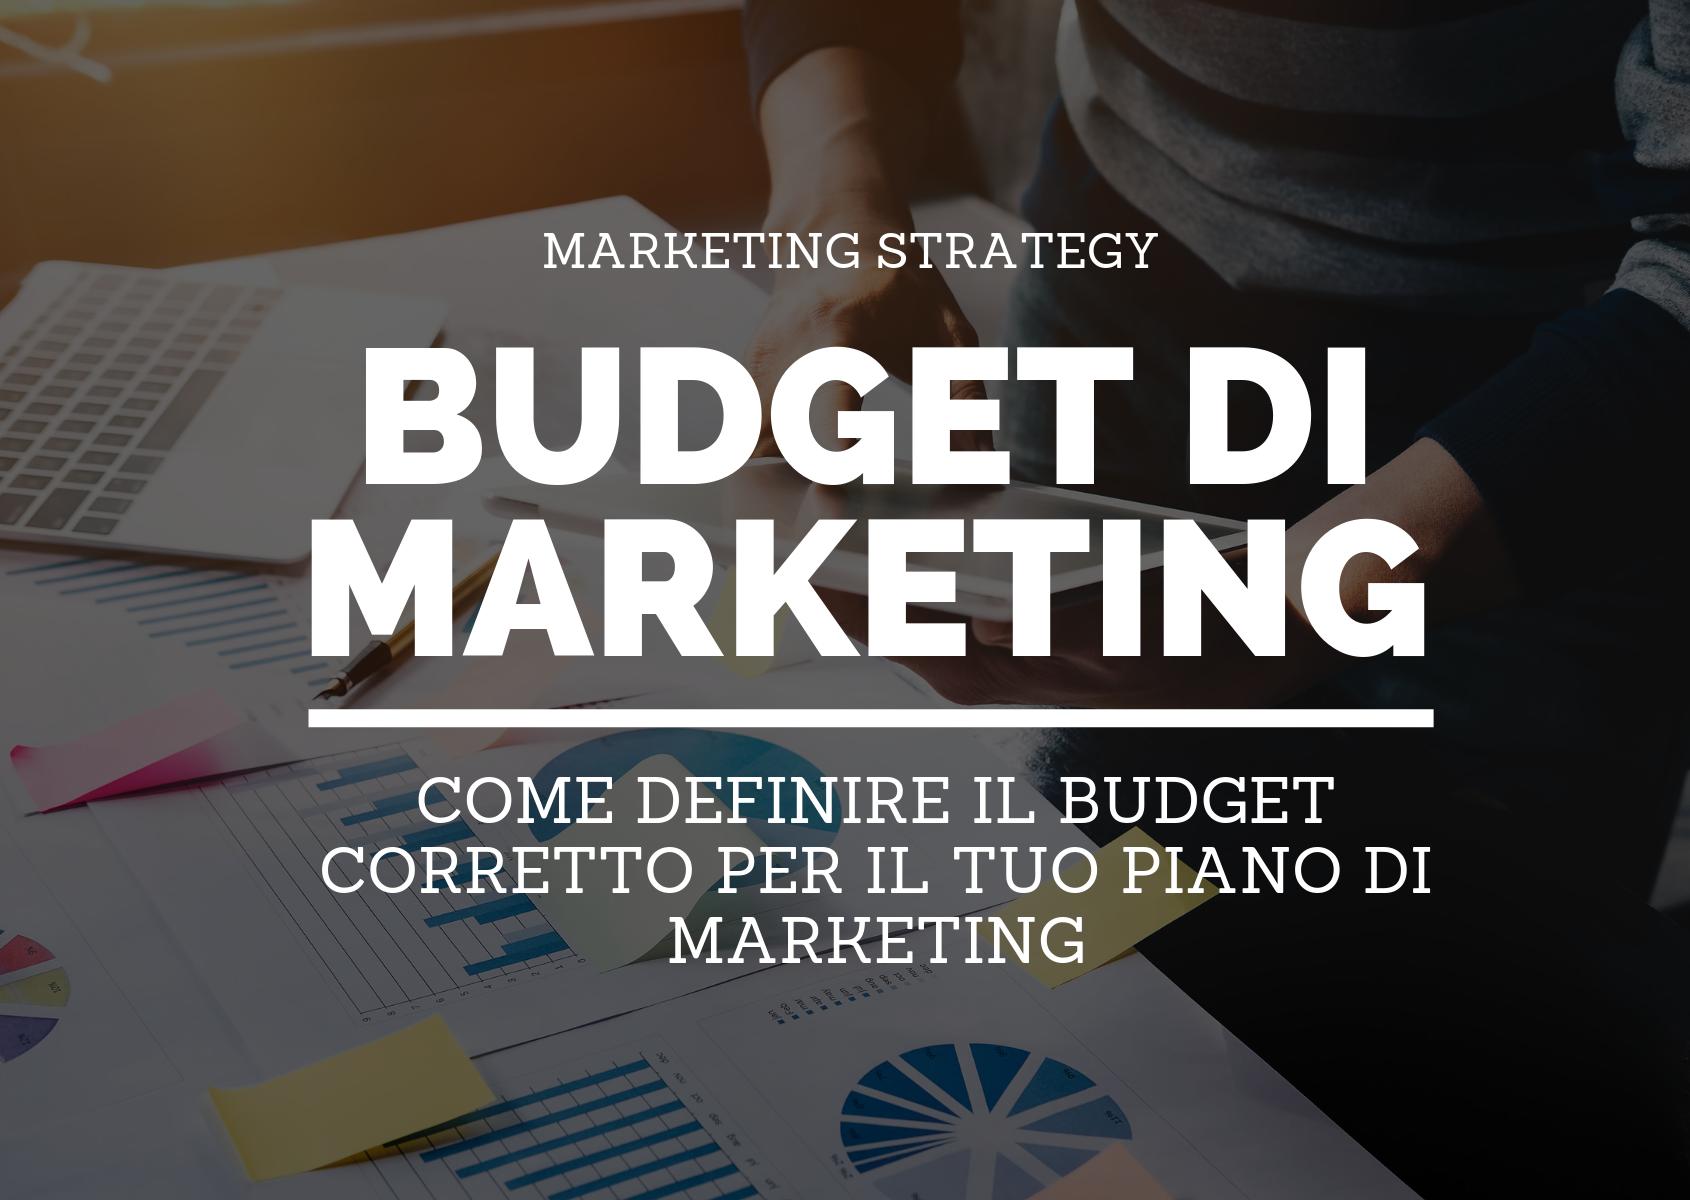 Come definire il budget corretto per il tuo piano di marketing (1)